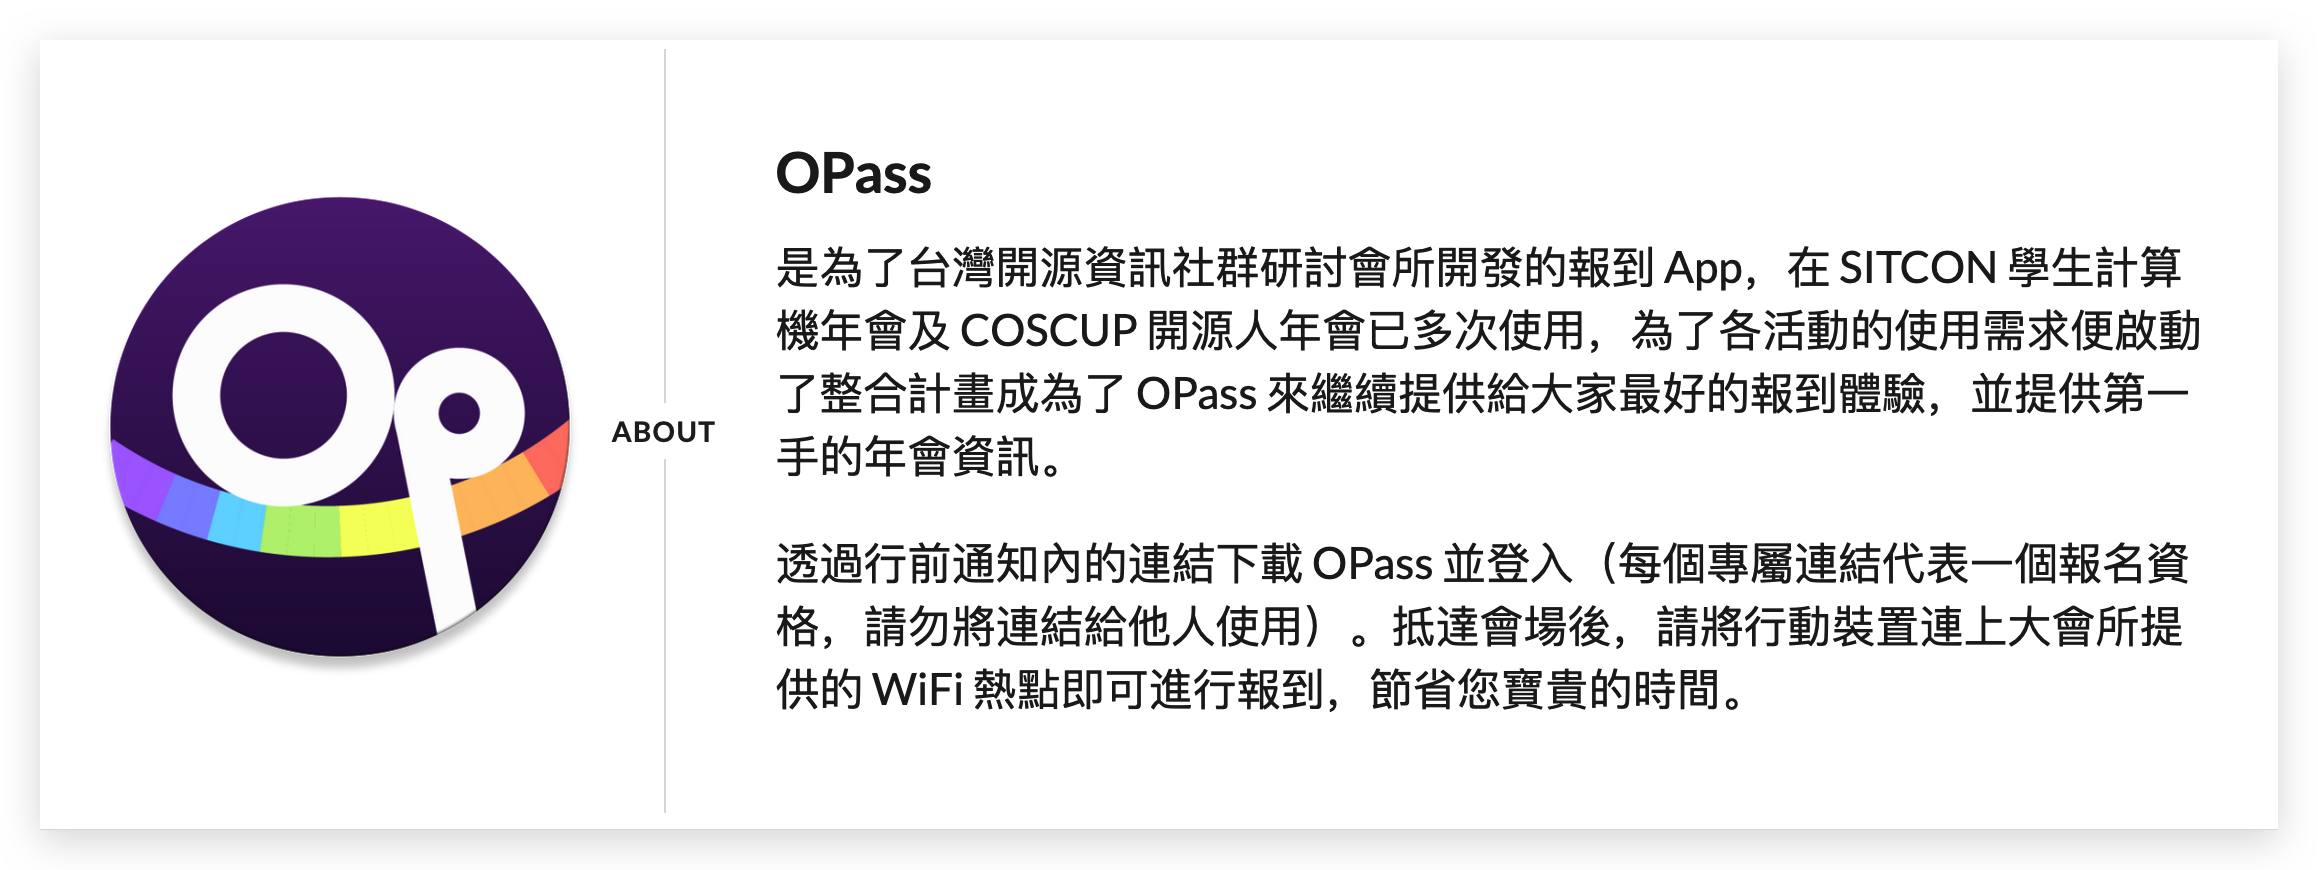 OPasss